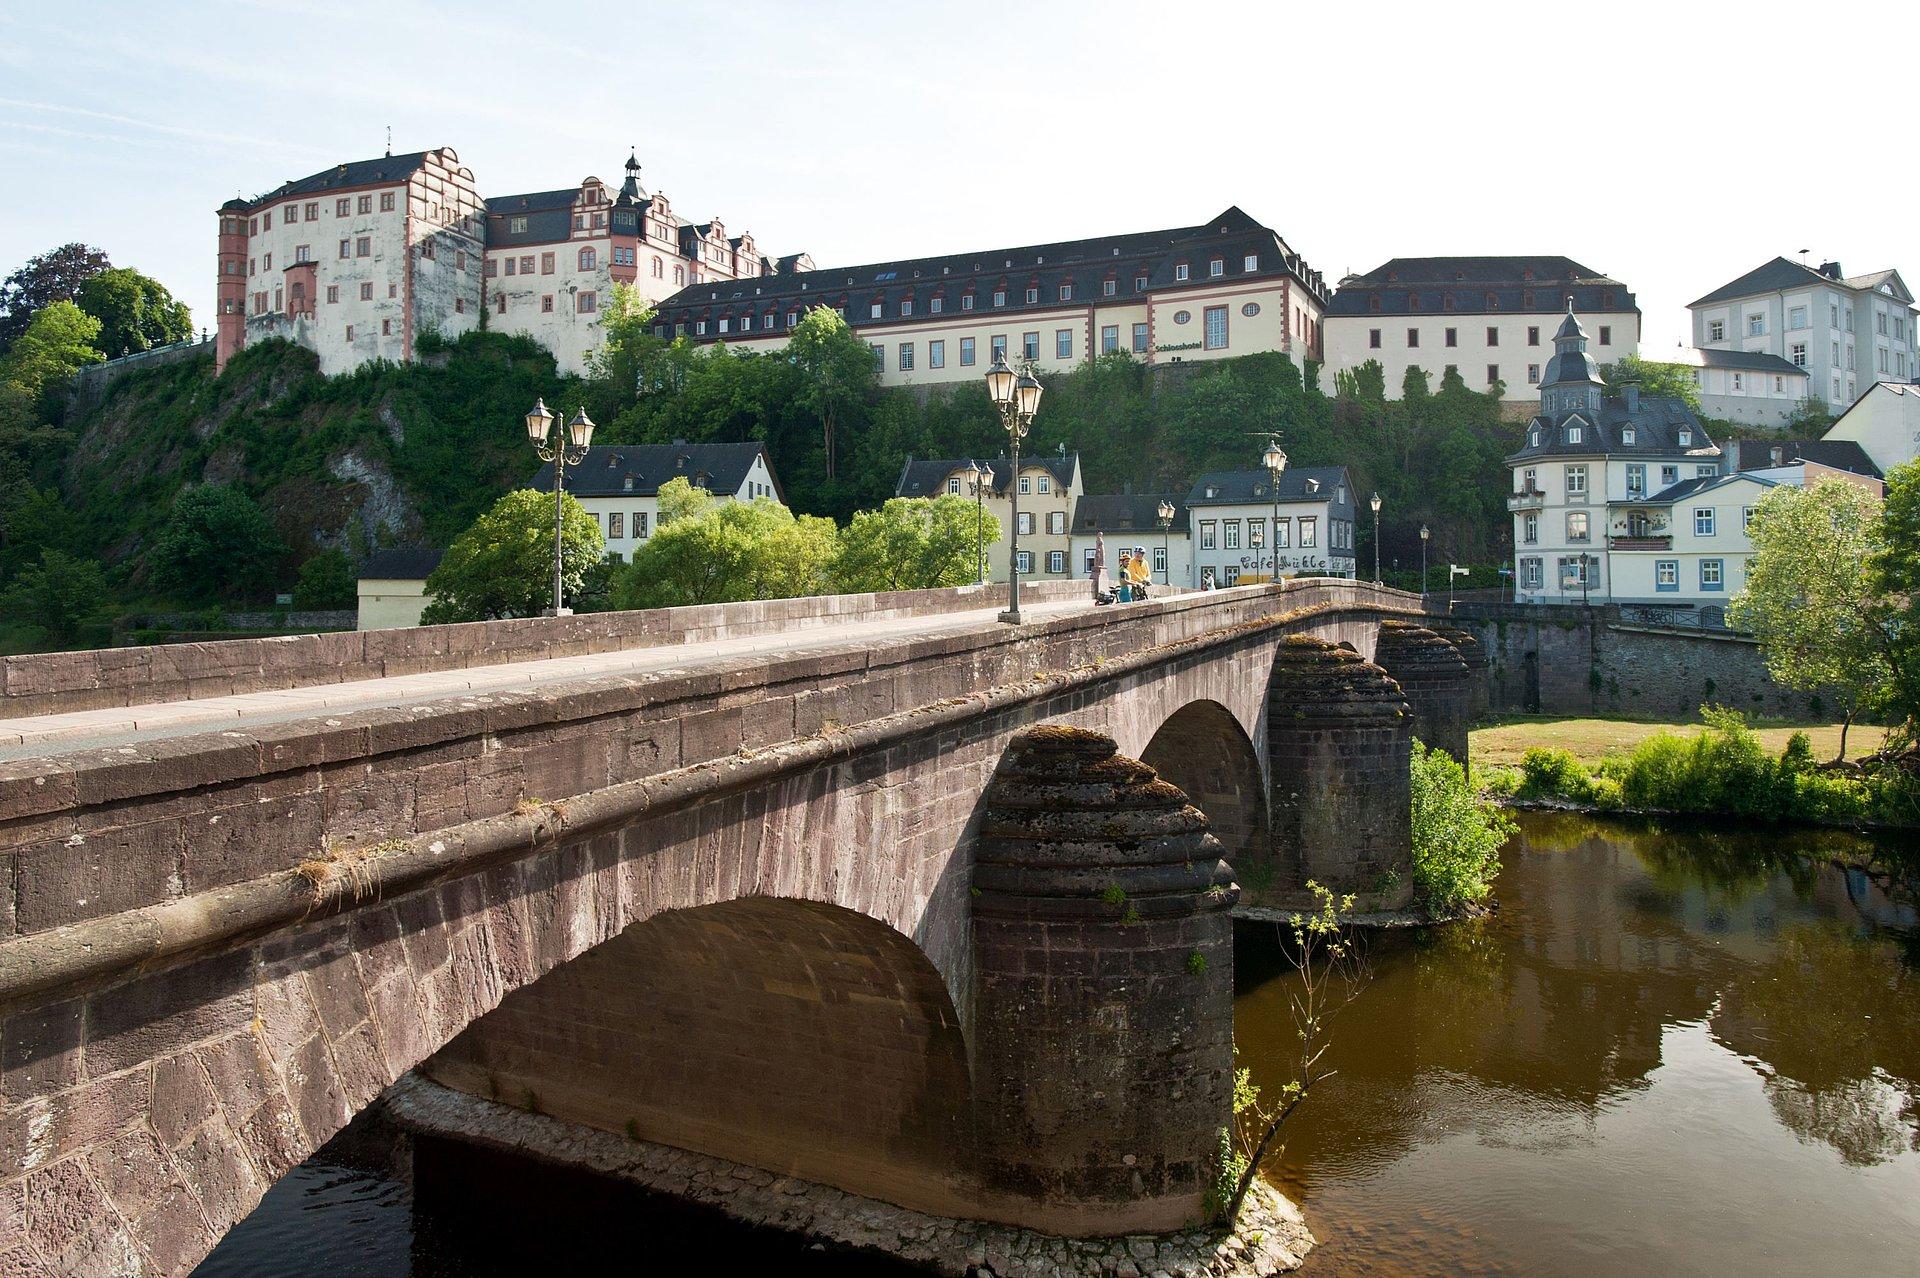 Stone bridge and Weilburg Castle, Lahn valley